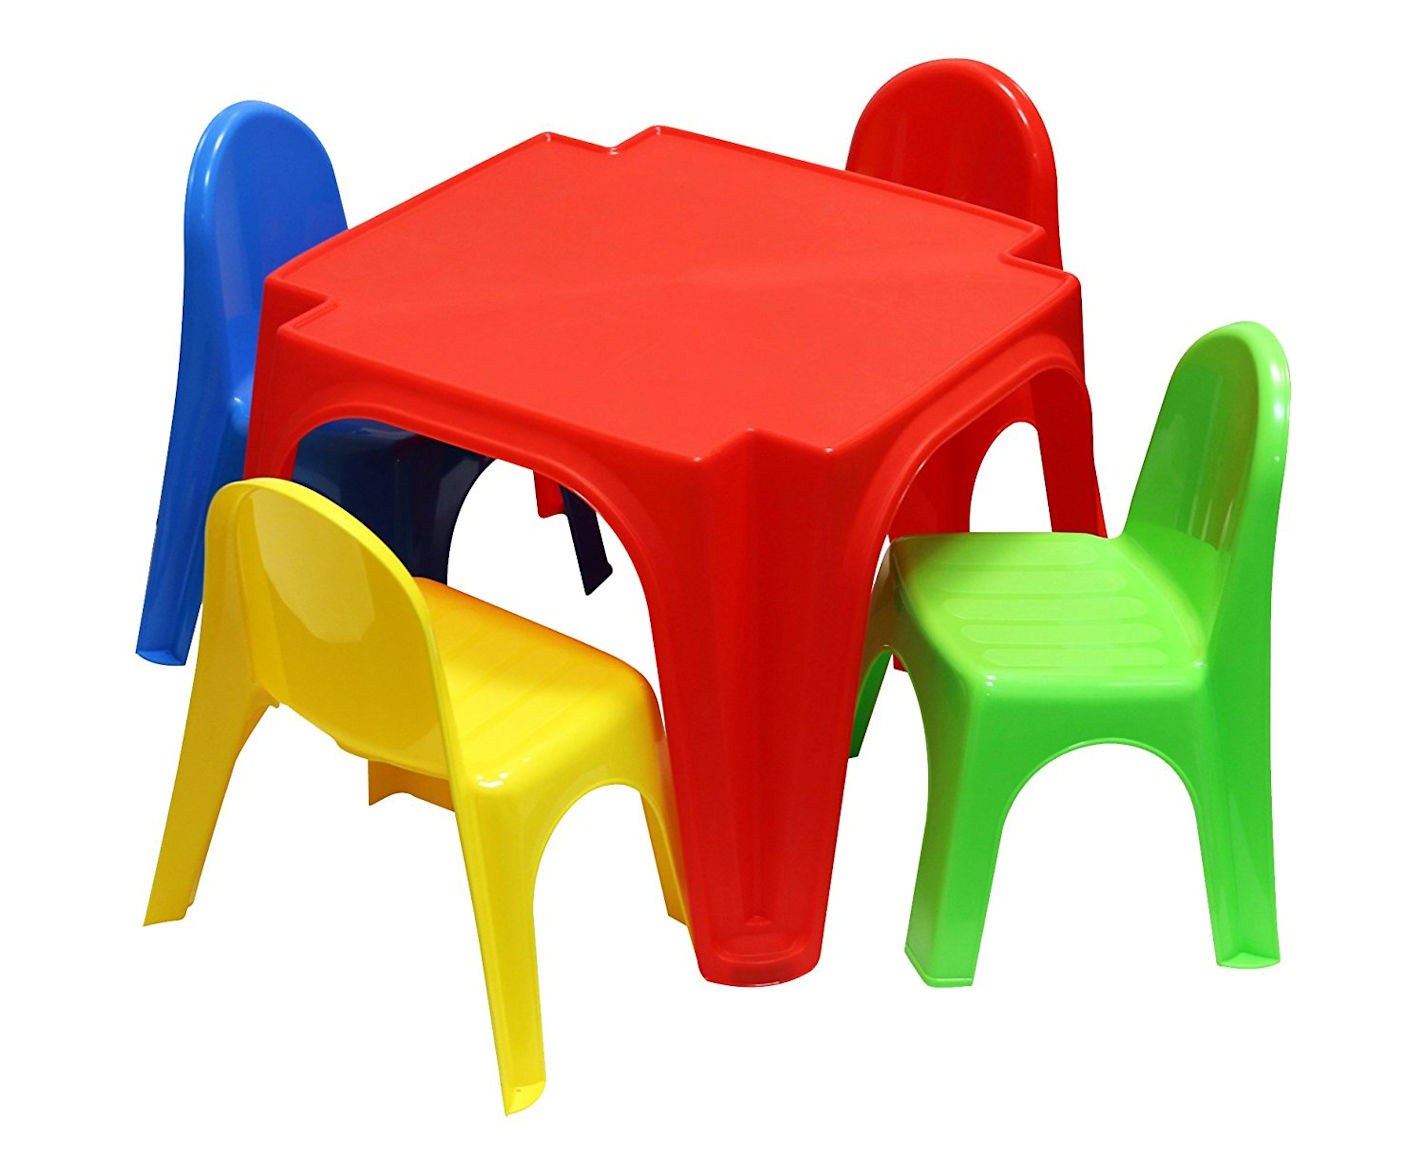 kinder sitzgruppe tisch 4 st hle gartenm bel kunststoff kinderm bel stuhl ebay. Black Bedroom Furniture Sets. Home Design Ideas